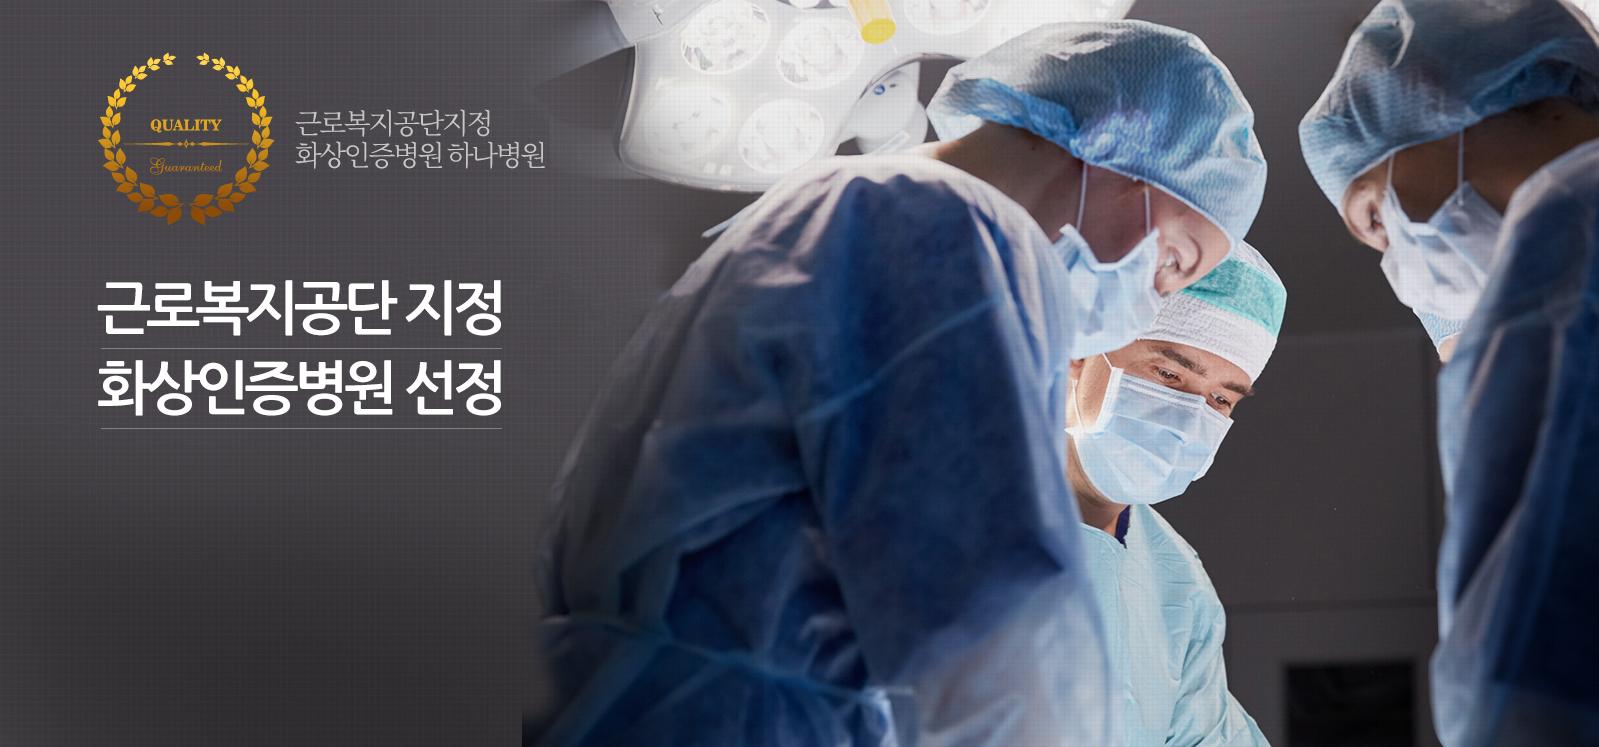 보건복지부지정 3회연속 화상전문병원 선정